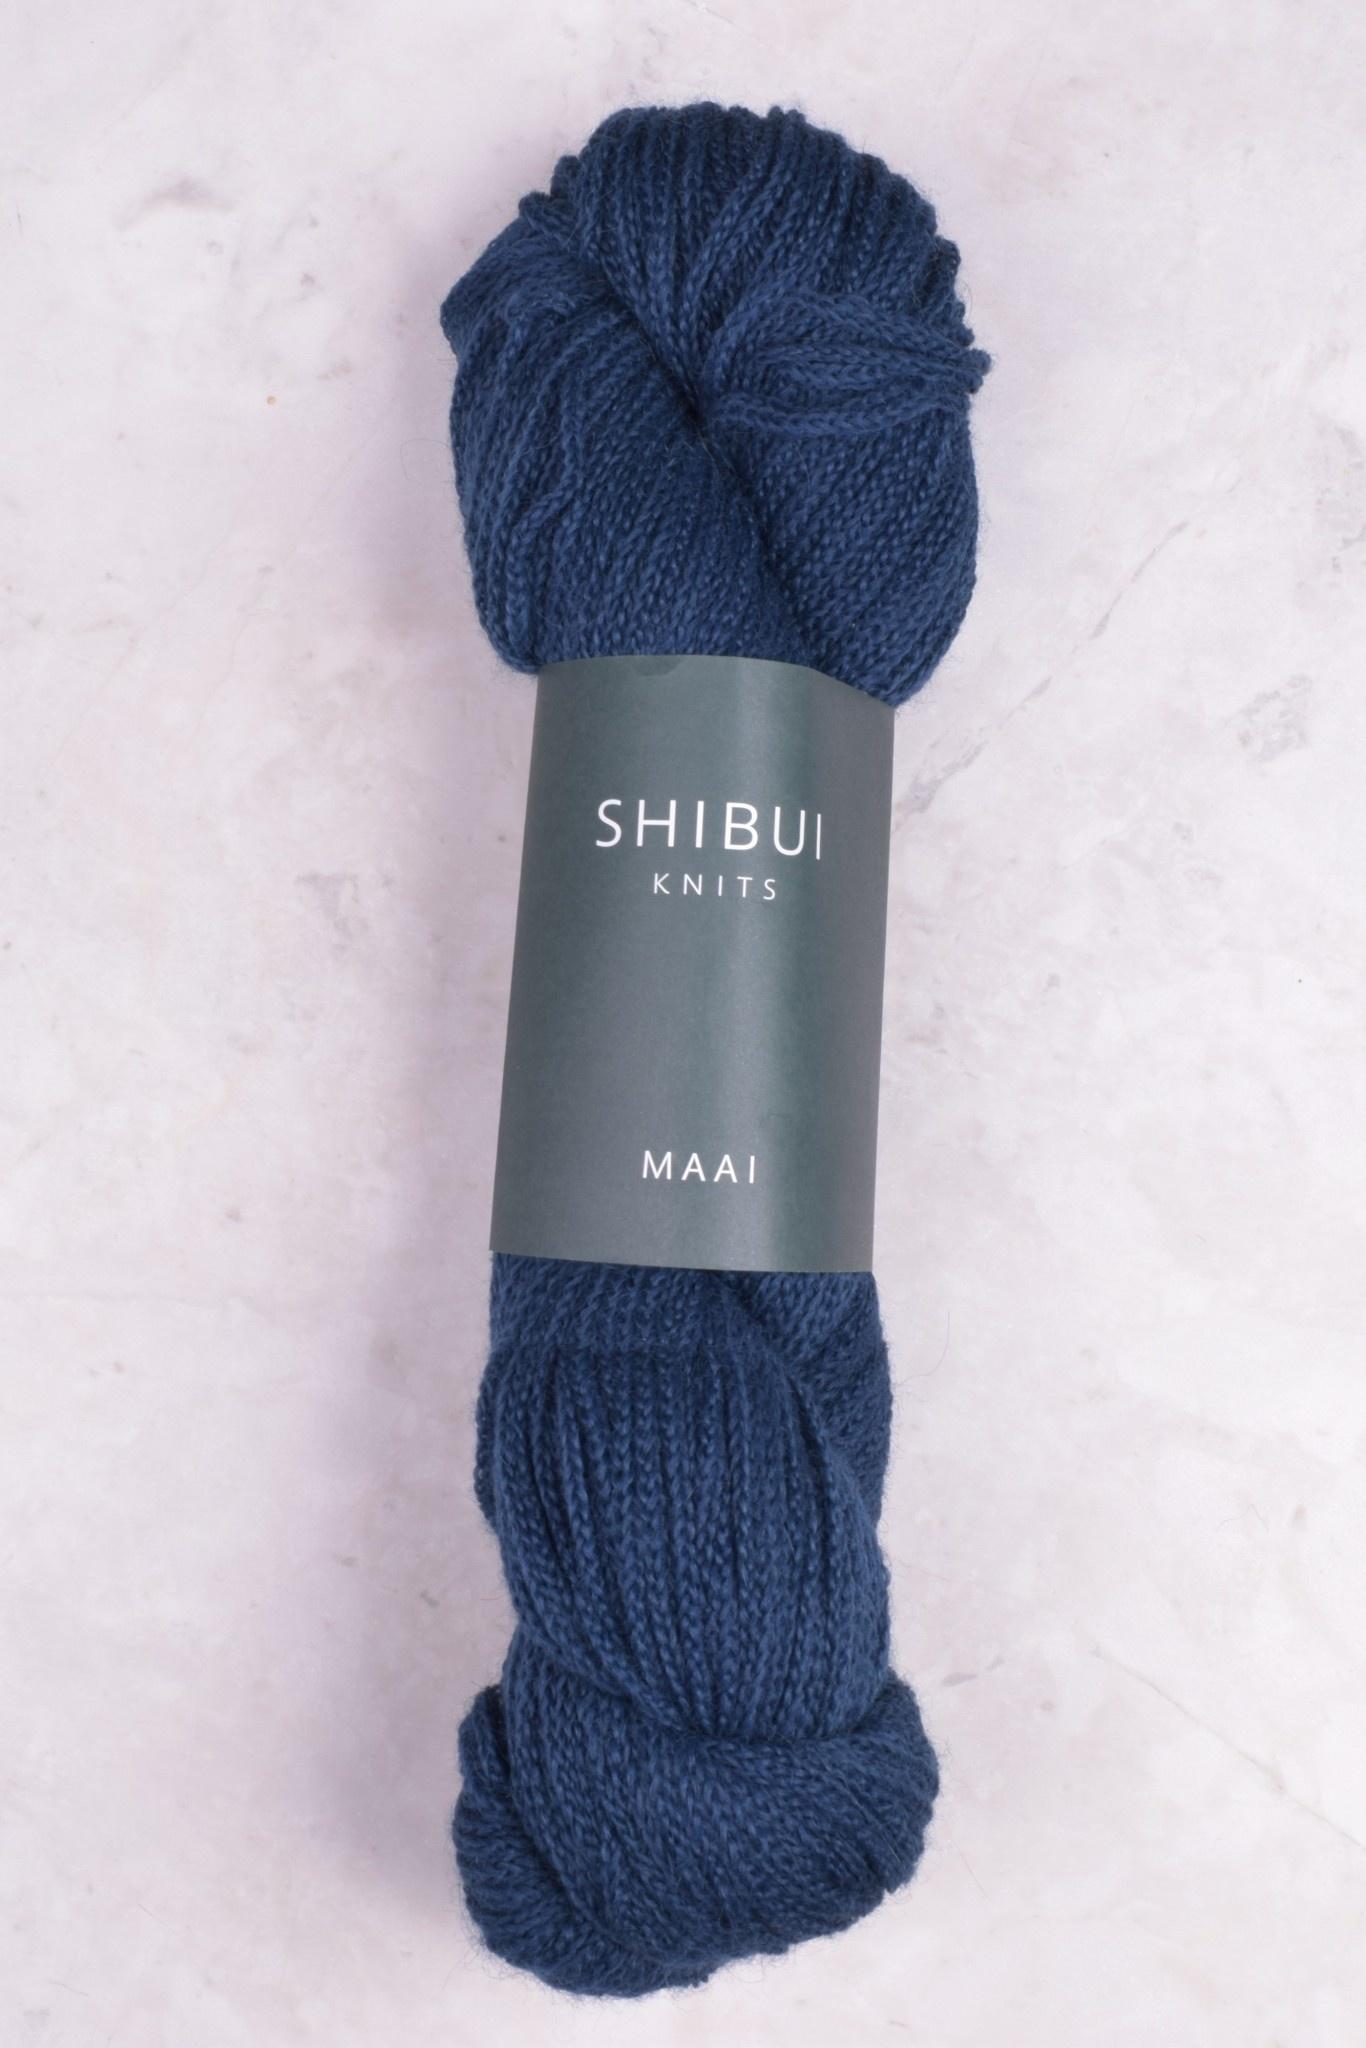 Image of Shibui Maai 2016 Suit (Discontinued)